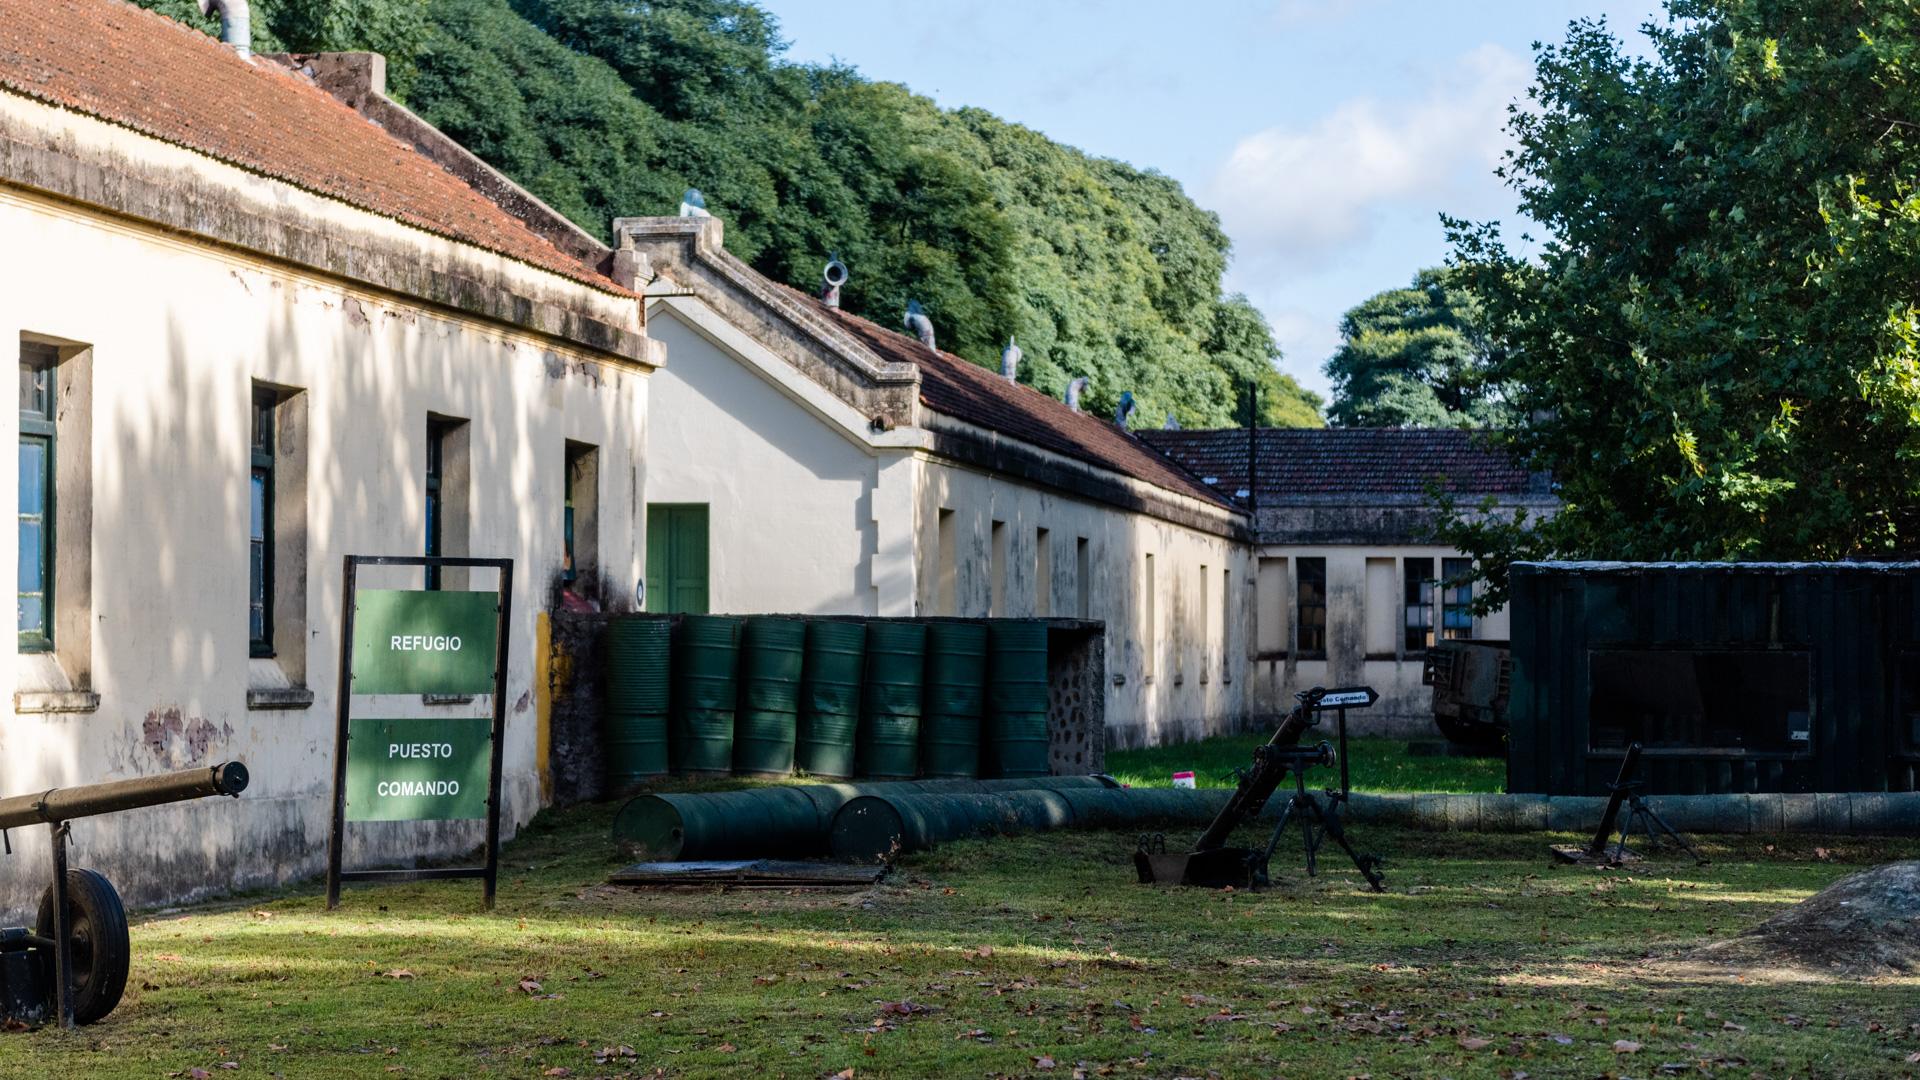 Los patios exteriores del Museo del Ejército Argentino exhiben una gran cantidad de piezas de artillería